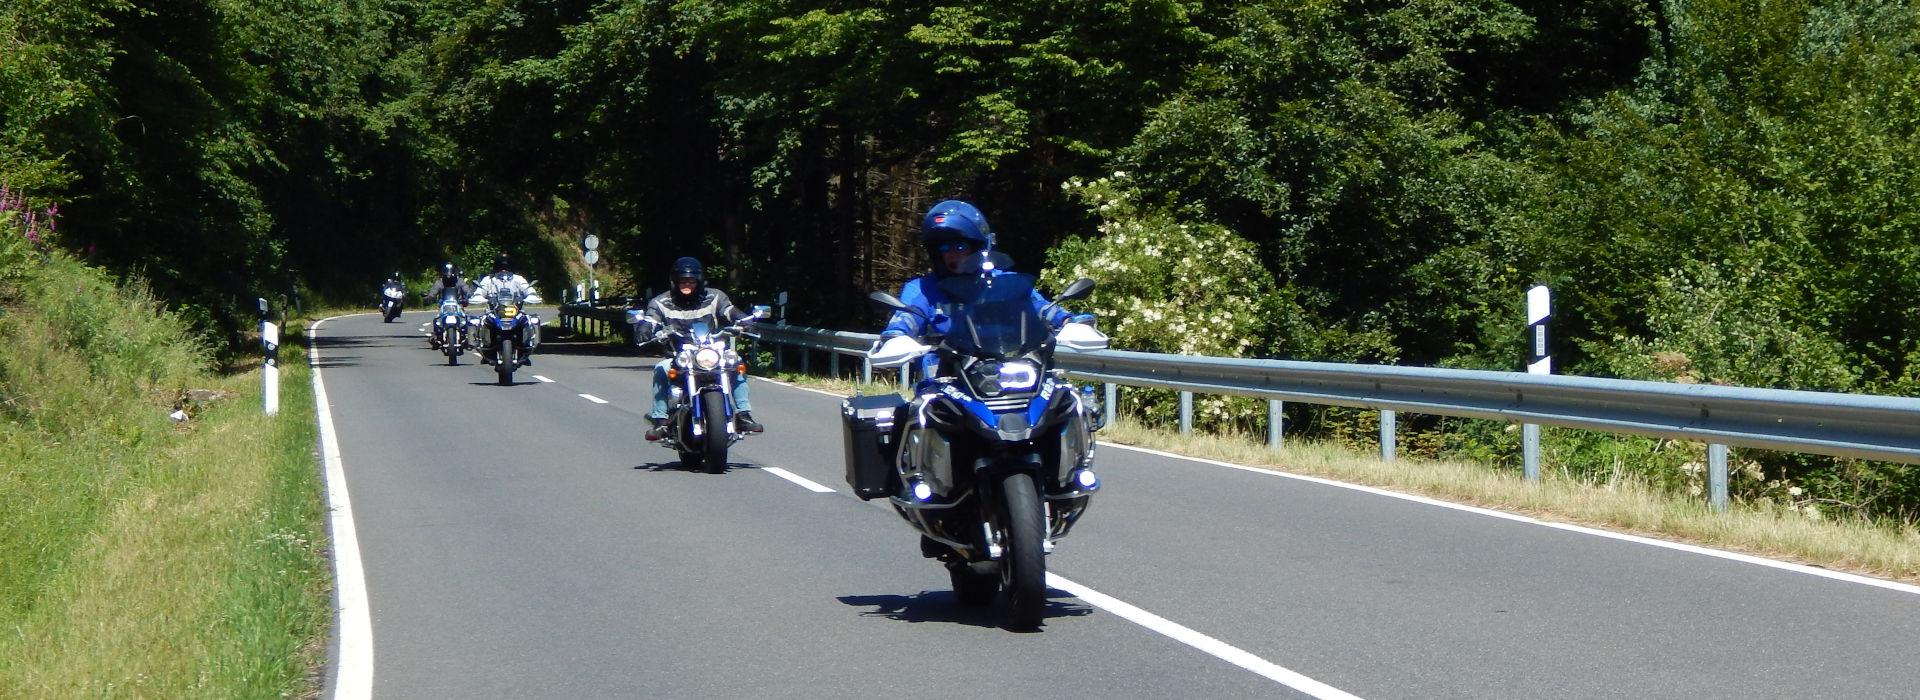 Motorrijschool Motorrijbewijspoint Oud-Beijerland motorrijlessen